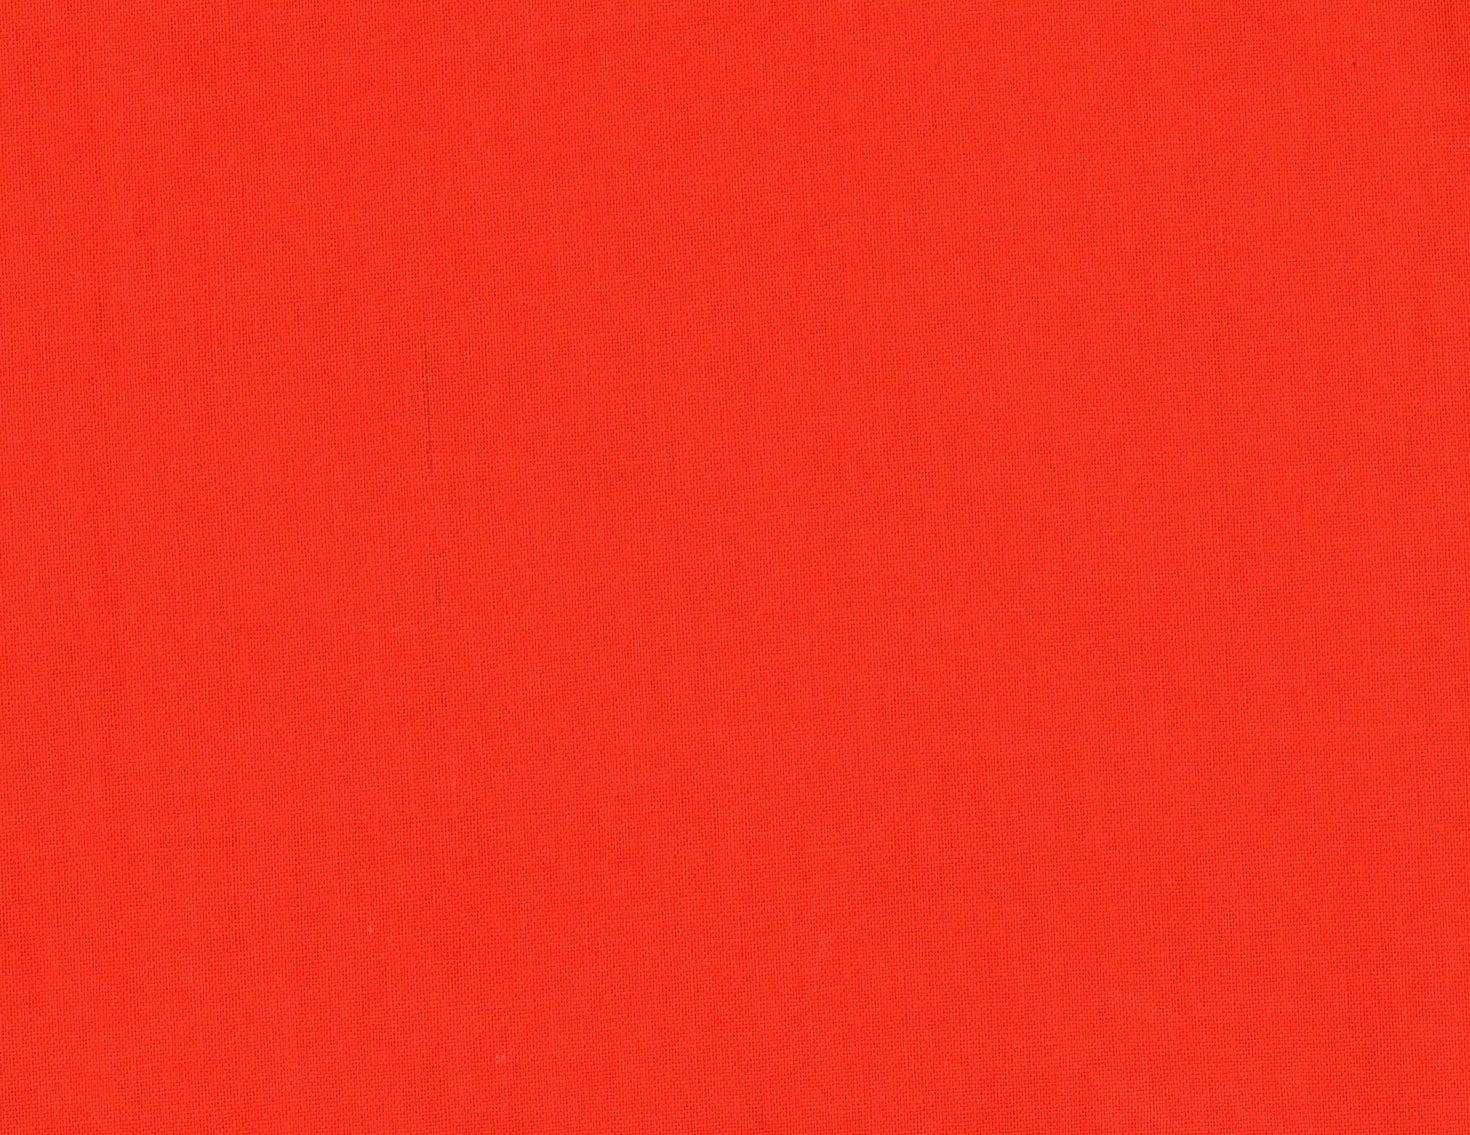 Orange Fabric Bright Orange Fabric Solid Orange Fabric 1